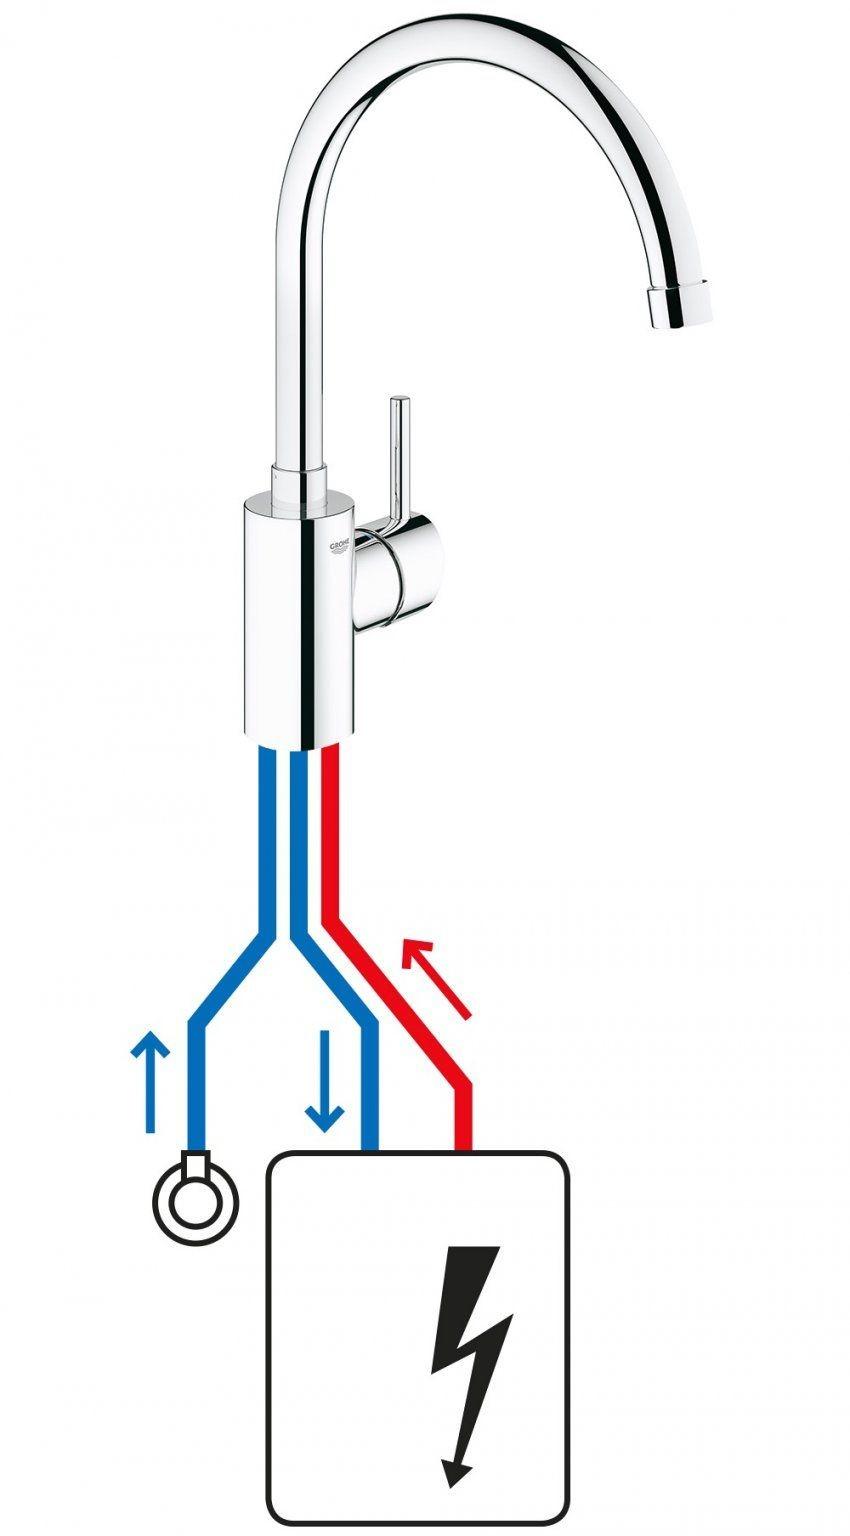 Niederdruck Armatur Küche Anschließen Ideen von Durchlauferhitzer Niederdruck Oder Hochdruck Photo